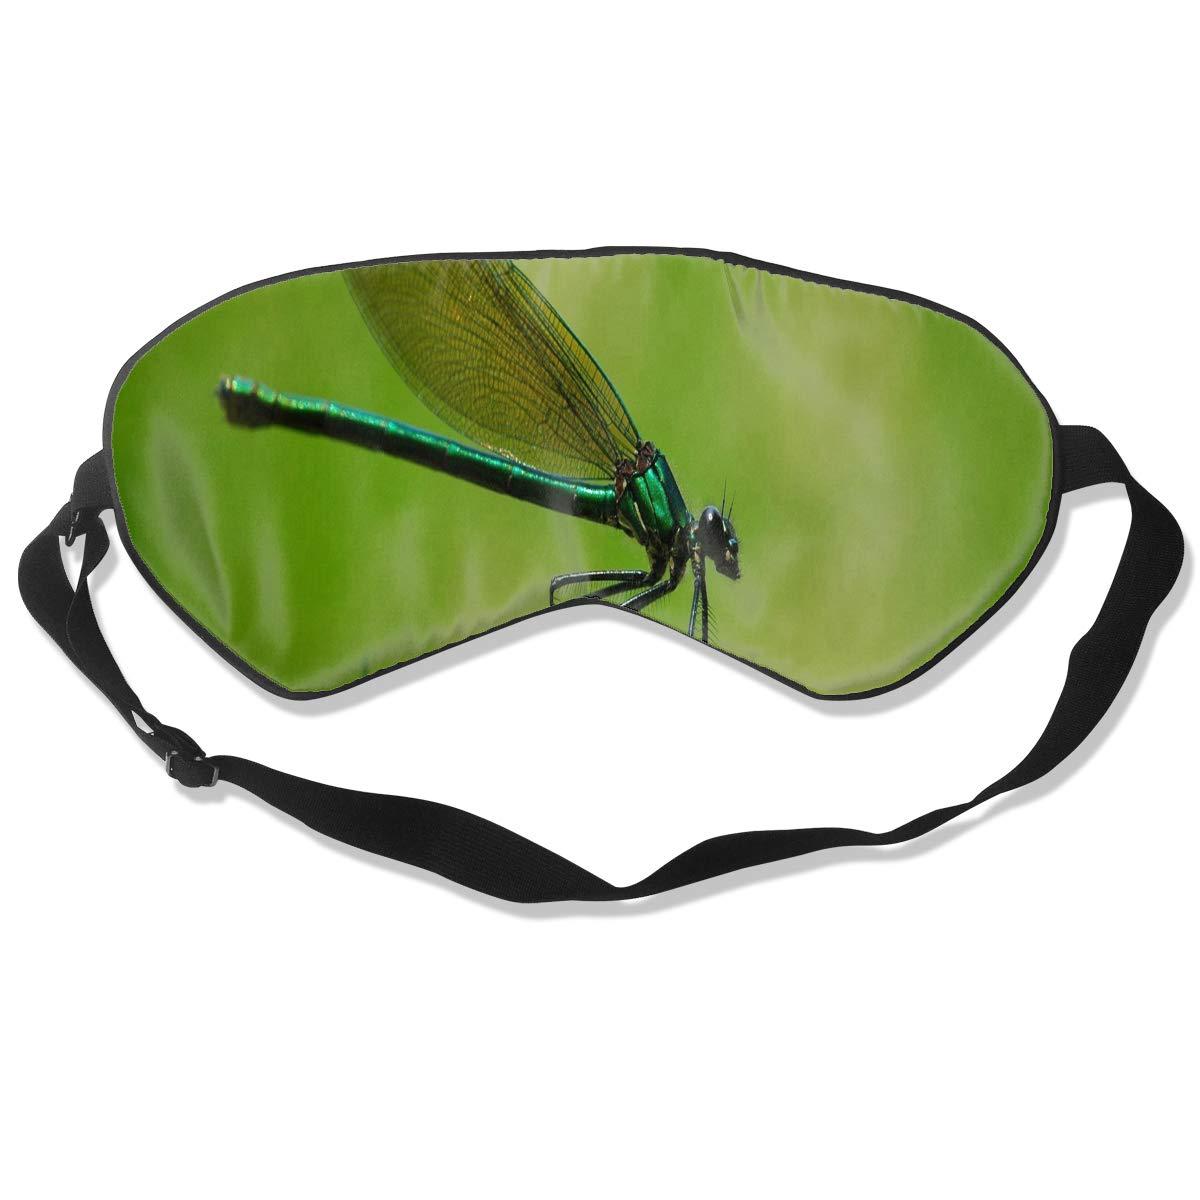 All agree スリープマスク トンボアイマスクカバー 調節可能なストラップアイシェード 旅行 ナップ 瞑想 目隠し用 One Size 色1 B07KGMXL8M